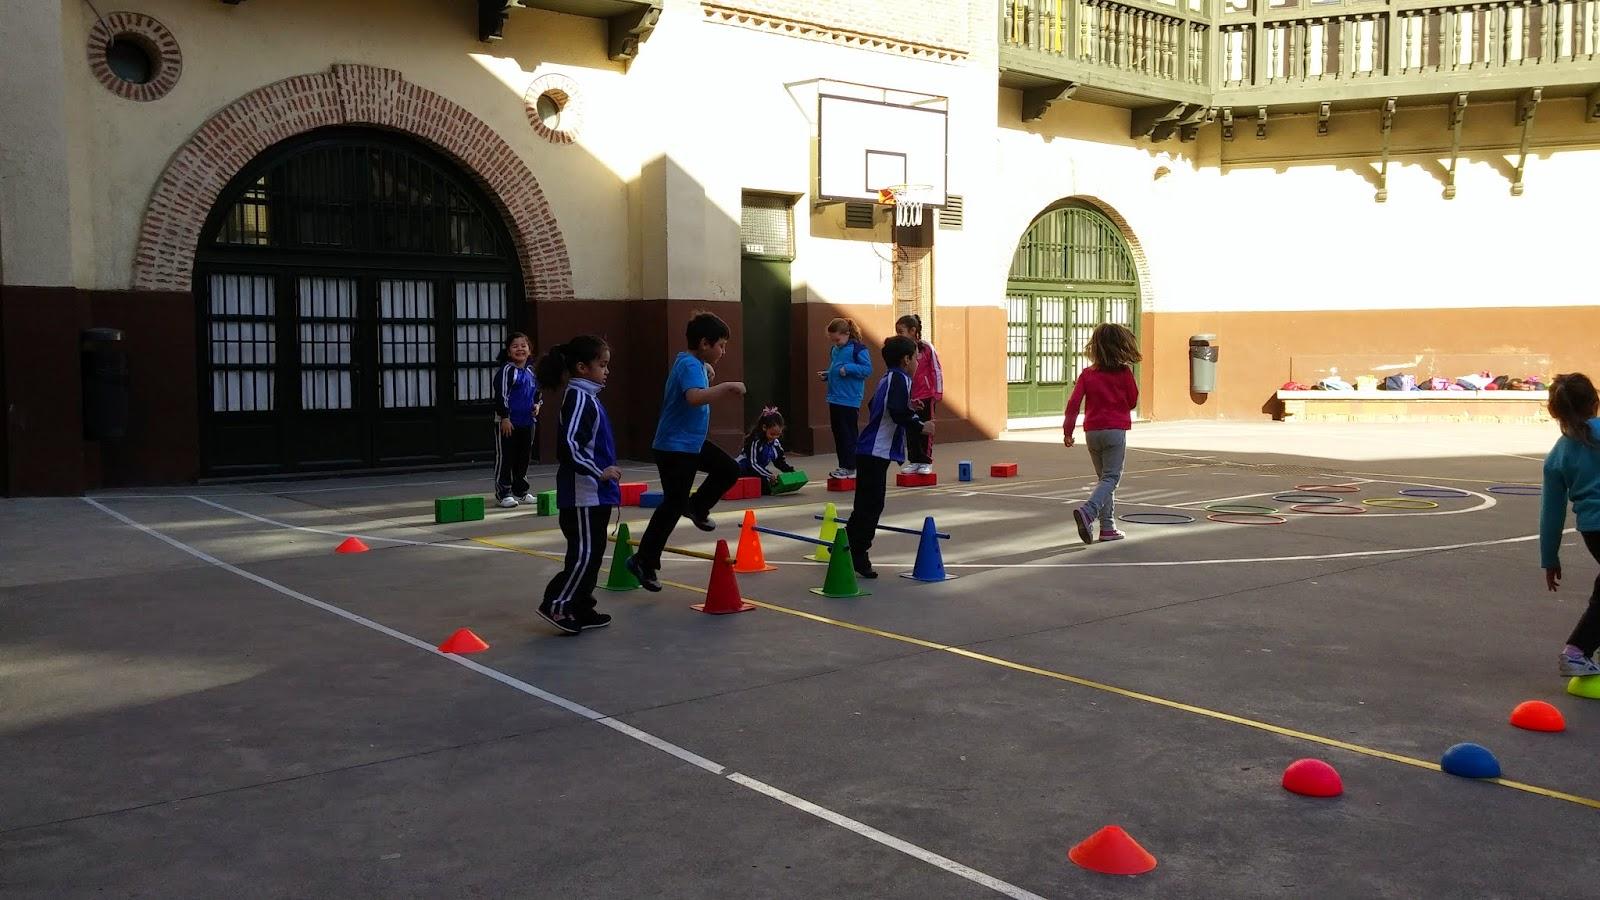 Circuito Yerbatero : Circuito yerbatero trabajo infantil el niño autista en la